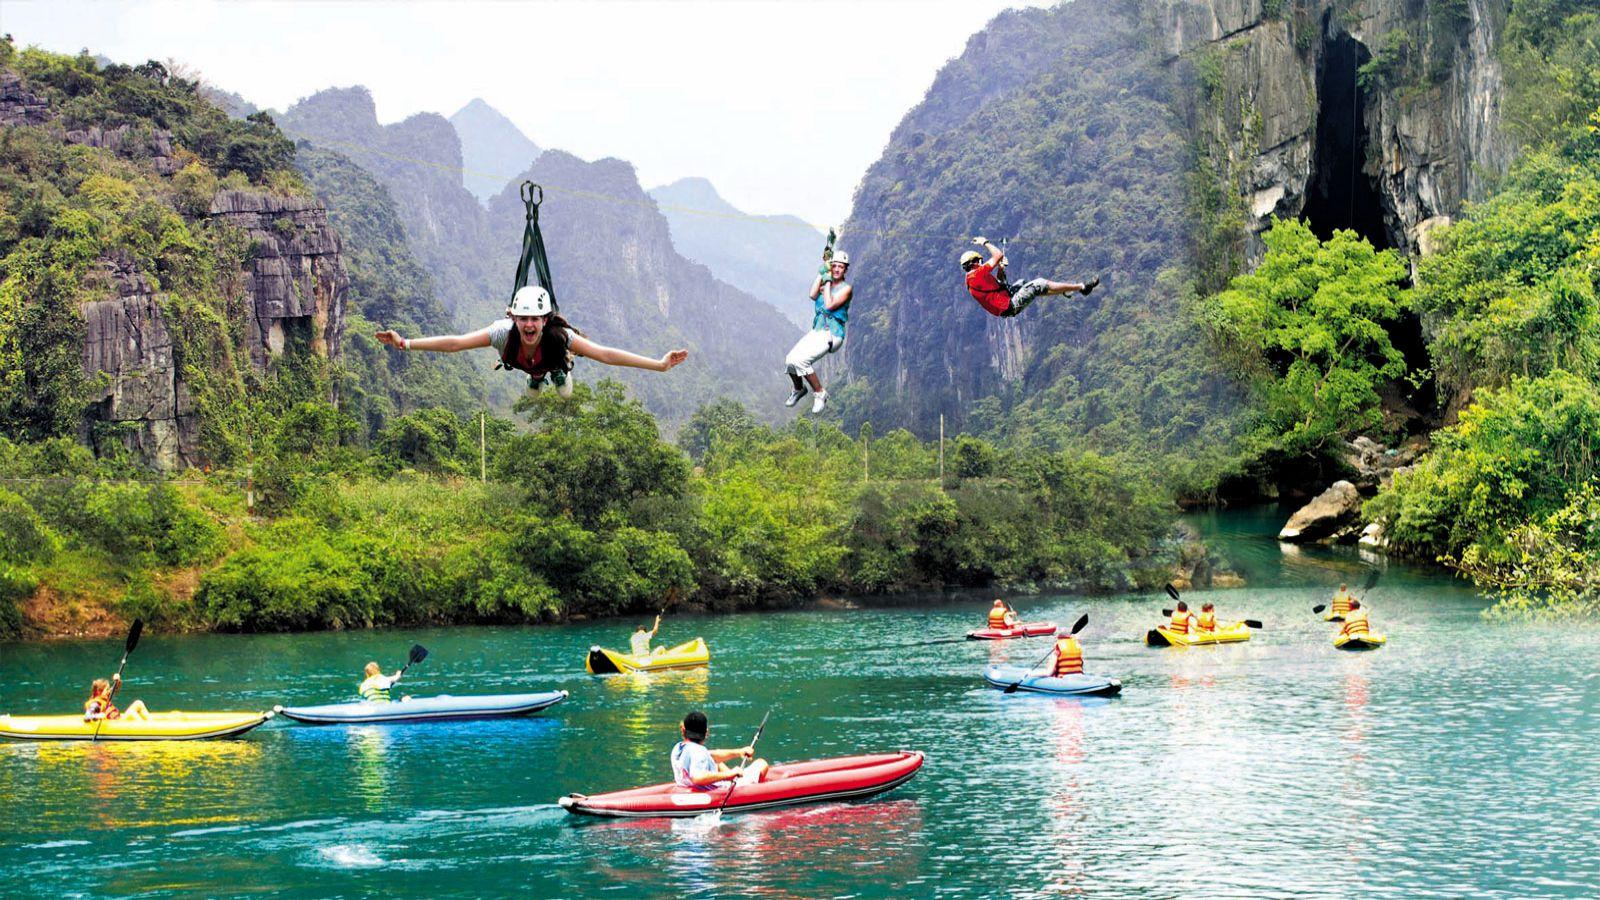 Kết quả hình ảnh cho các hoạt động đi du lịch